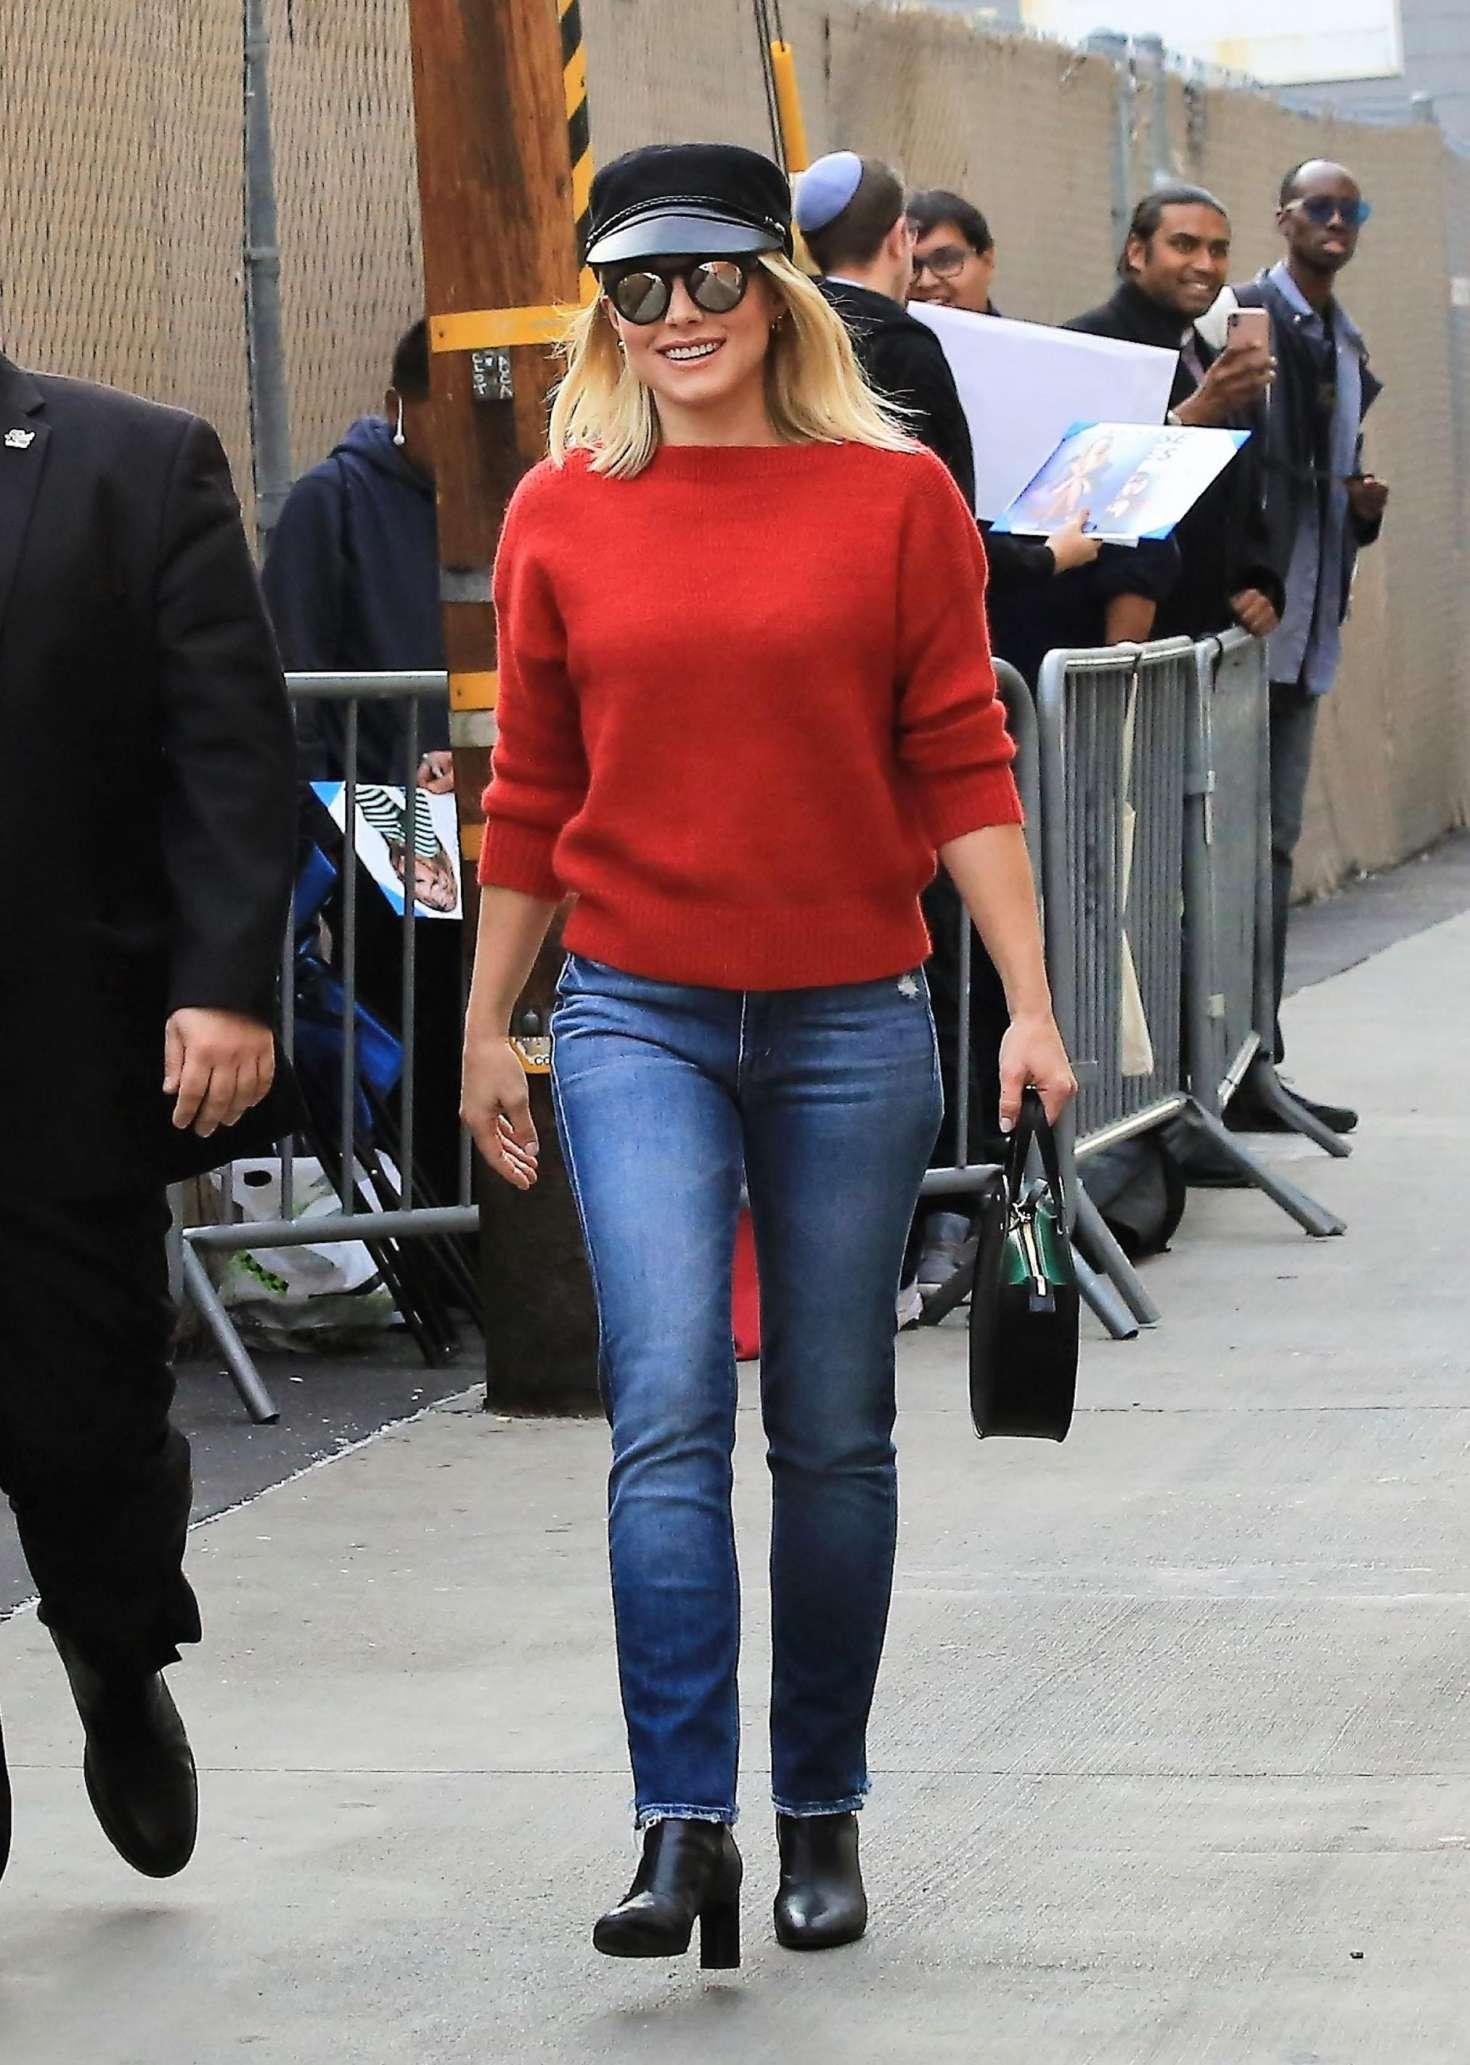 Kristen Bell 2018 : Kristen Bell: Arriving at Jimmy Kimmel Live -06